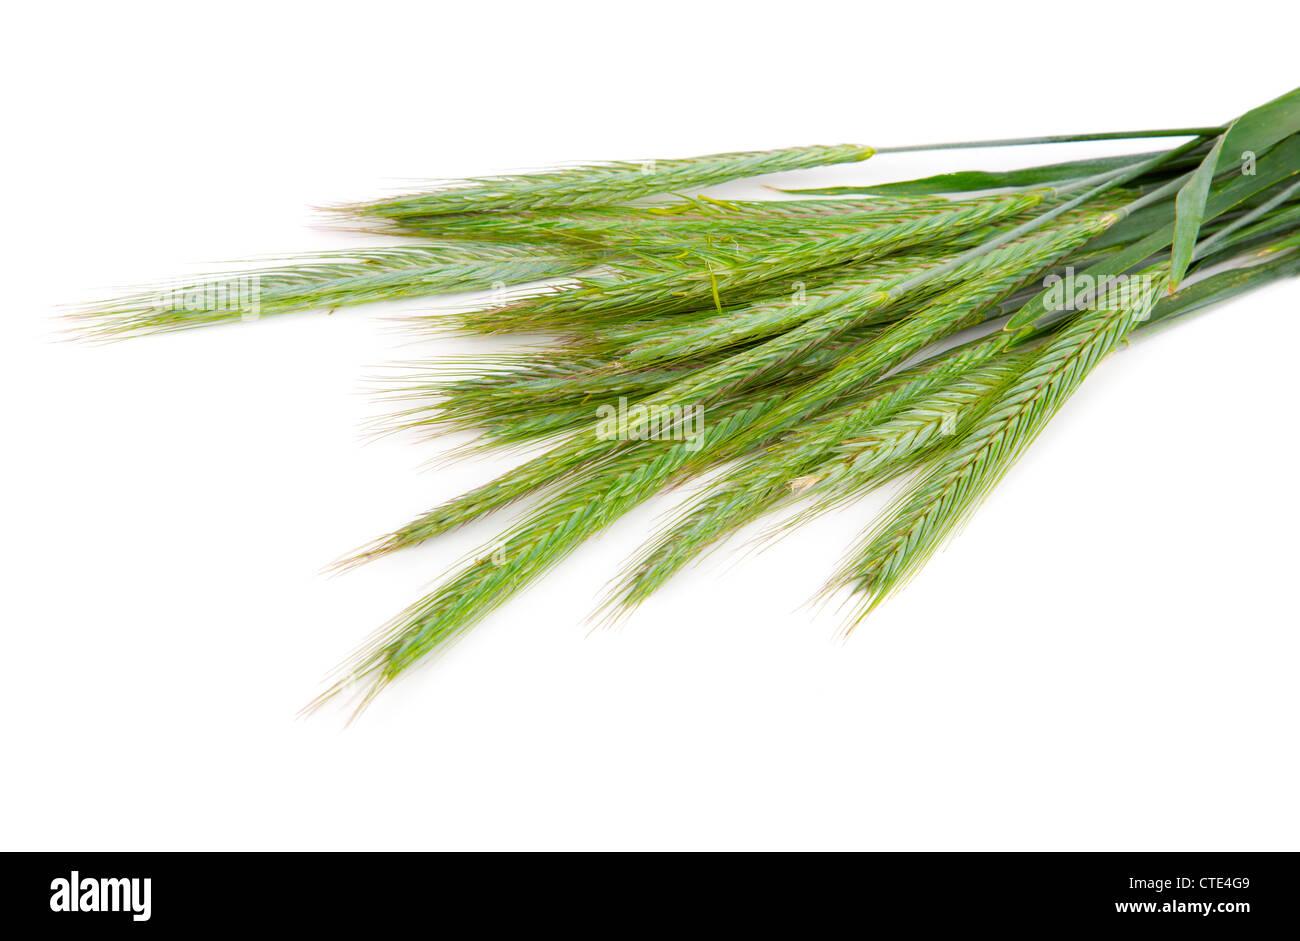 Les pointes de seigle vert (Secale cereale), sur fond blanc Photo Stock